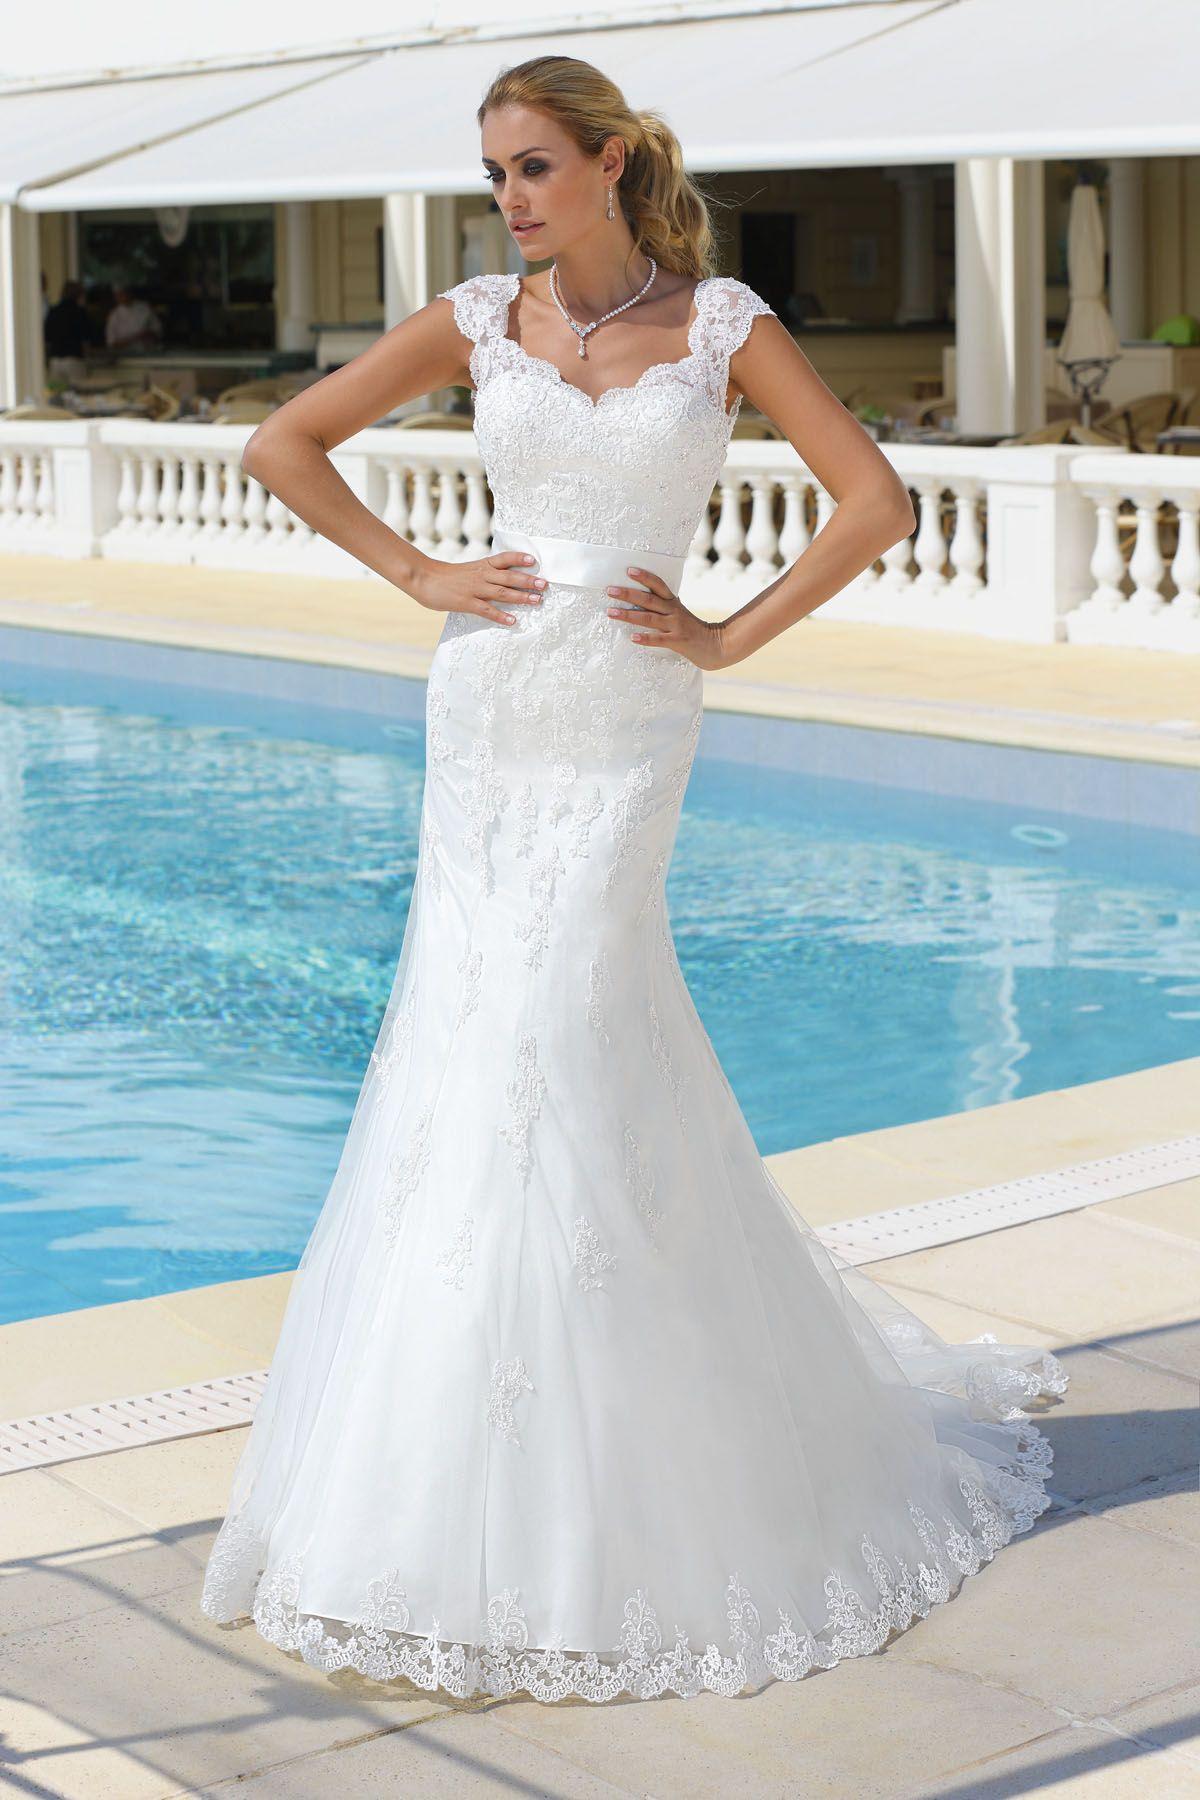 Schön Brautkleider Sarasota Bilder - Brautkleider Ideen - cashingy.info